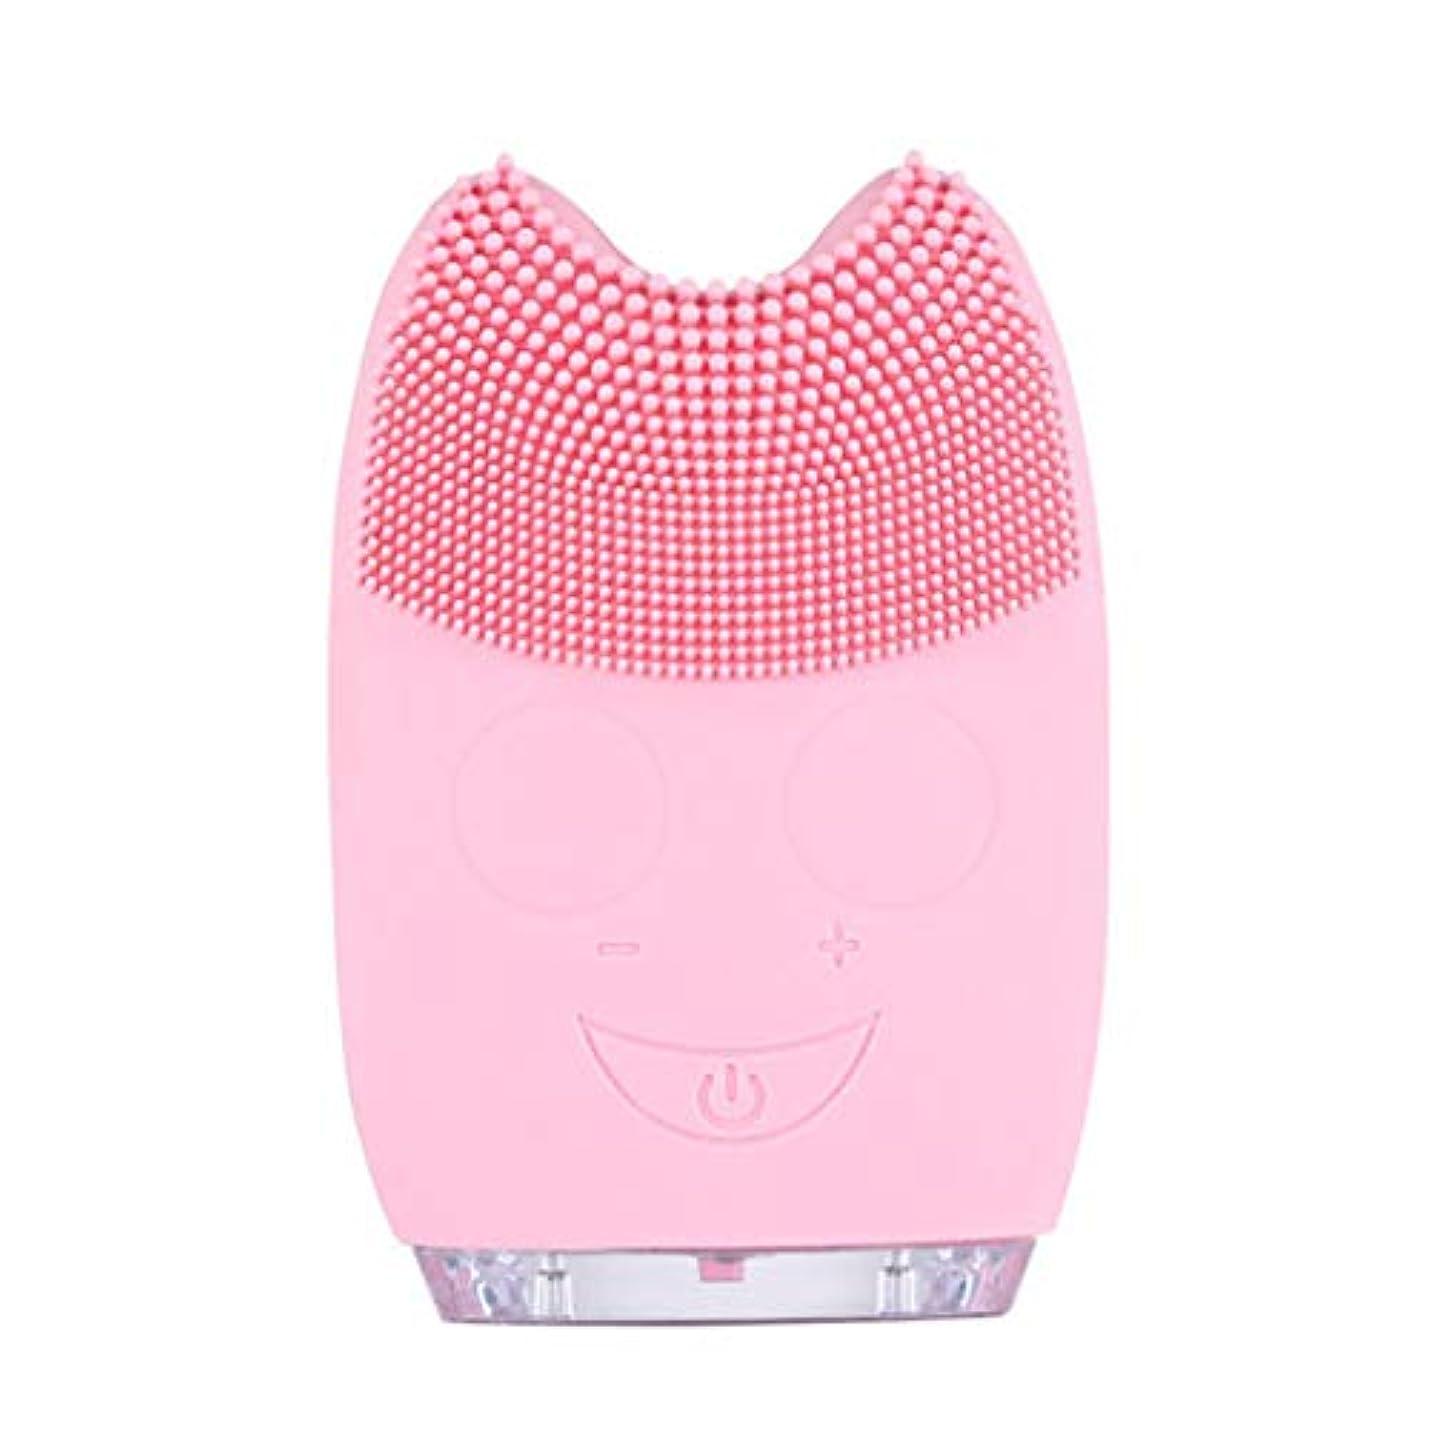 アストロラーベ九月定期的なQi フェイシャルクレンザーブラシ、防水ミニ電動マッサージマシンシリコンフェイシャルクレンジングデバイスツール GQ (色 : Pink)